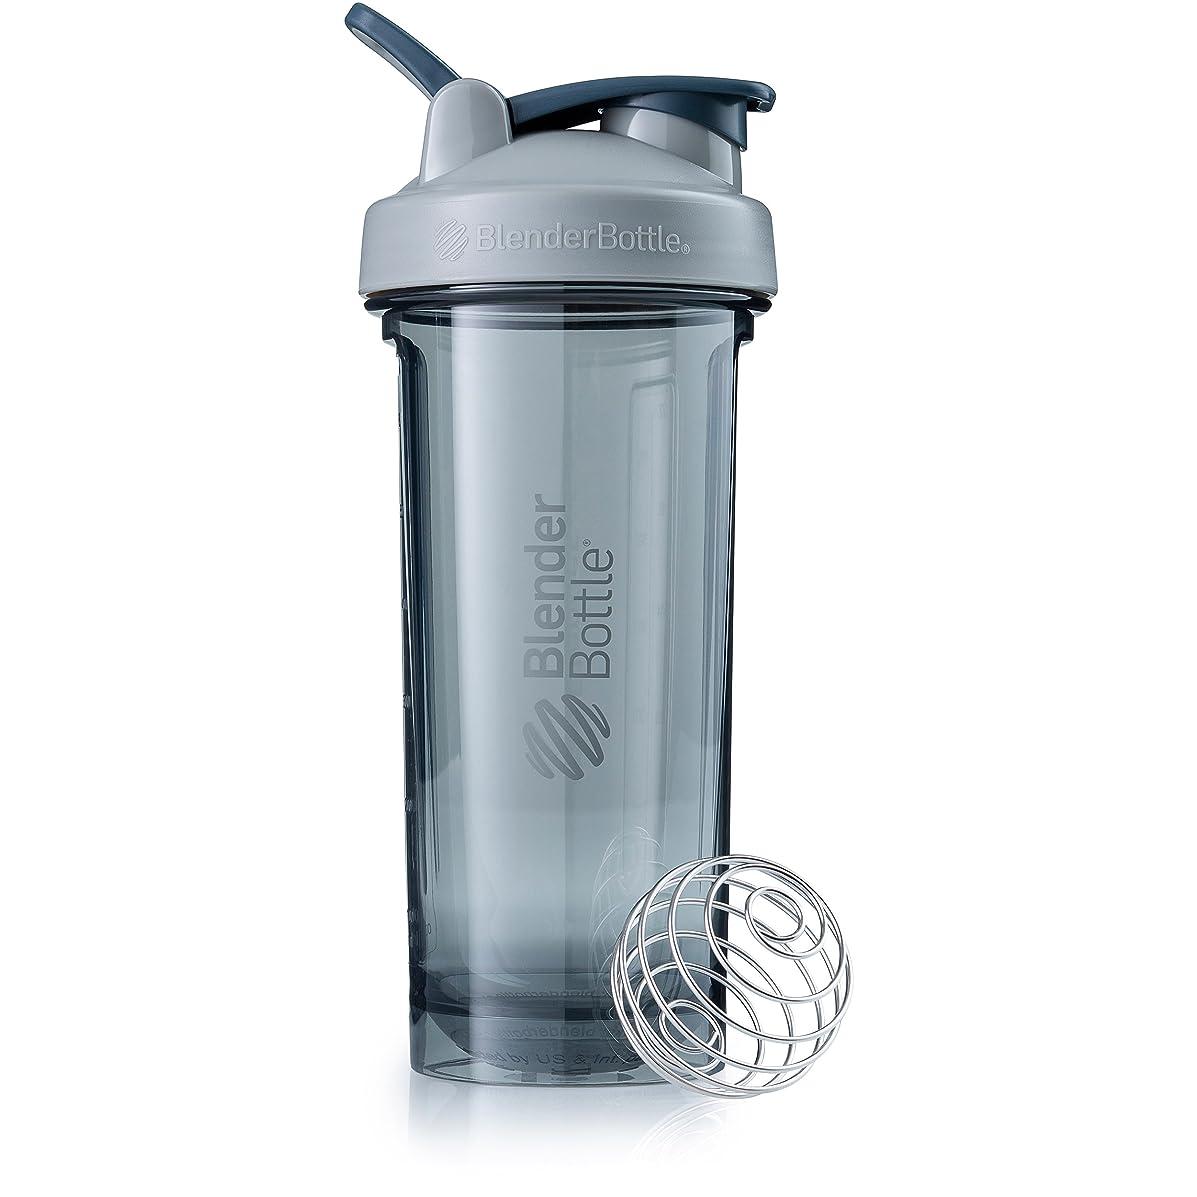 勝つ証人とげブレンダーボトル 【日本正規品】 ミキサー シェーカー ボトル Pro Series Tritan Pro28 28オンス (800ml) ぺブルグレー BBPRO28 PG